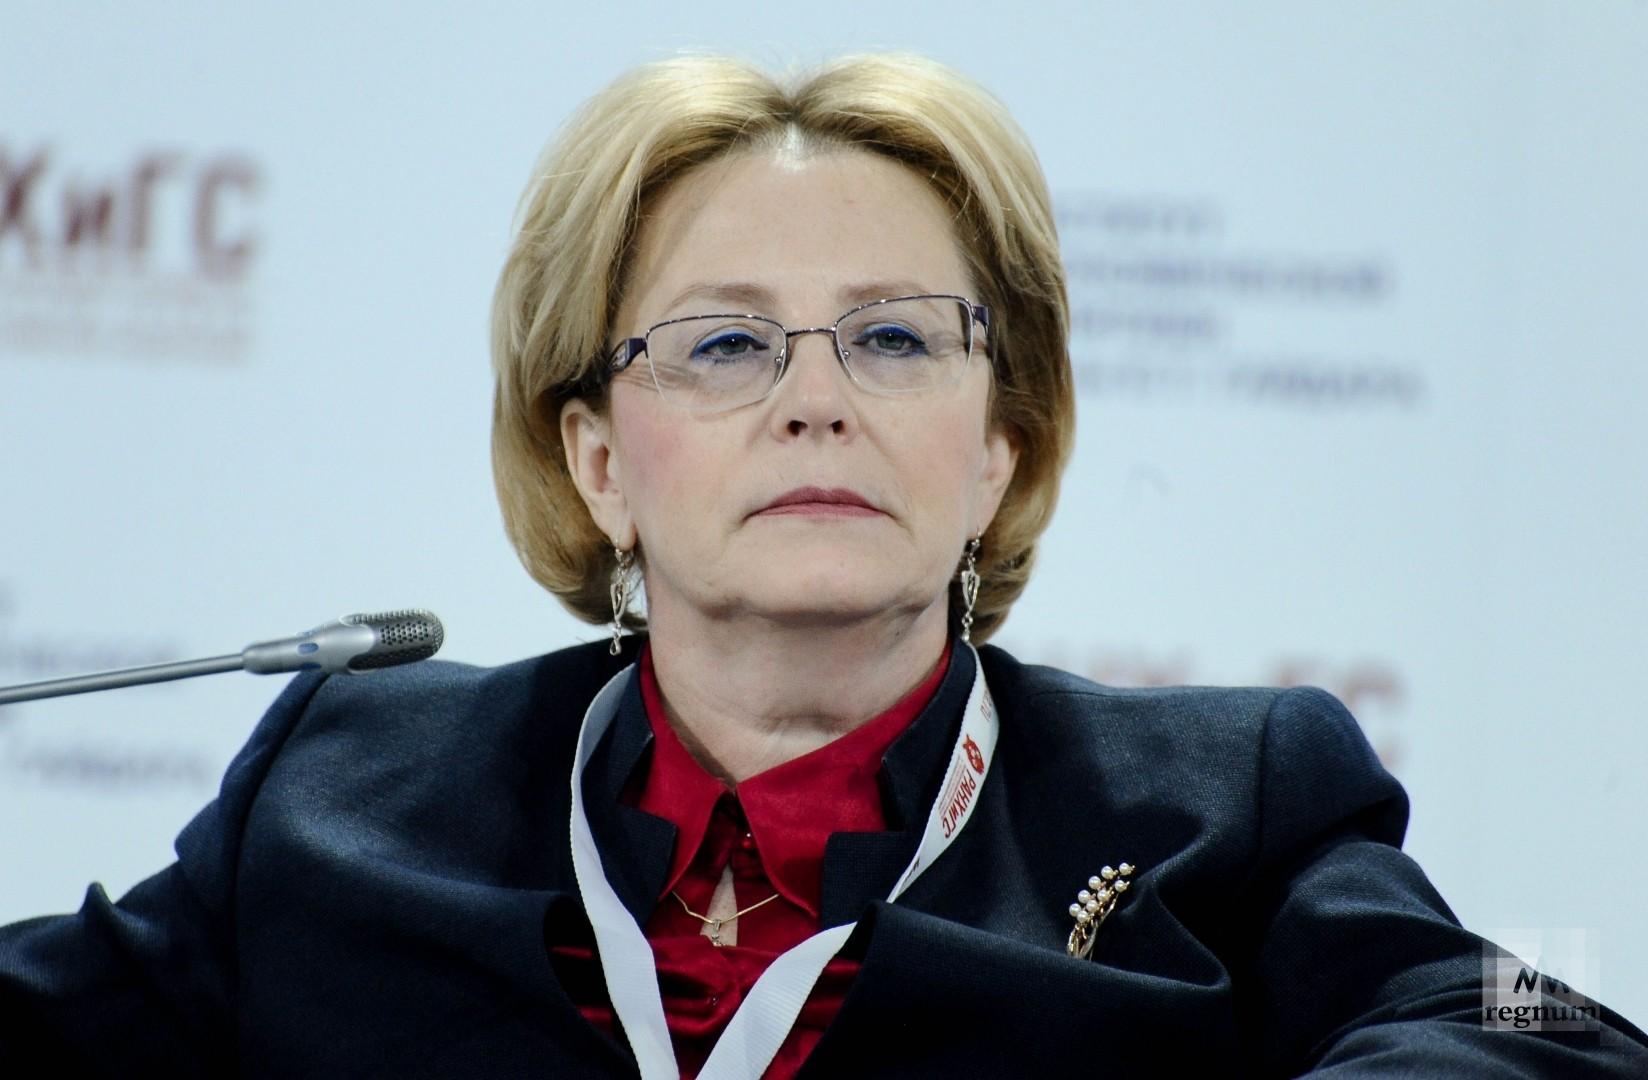 Вероника Скворцова награждена орденом Пирогова - ИА REGNUM